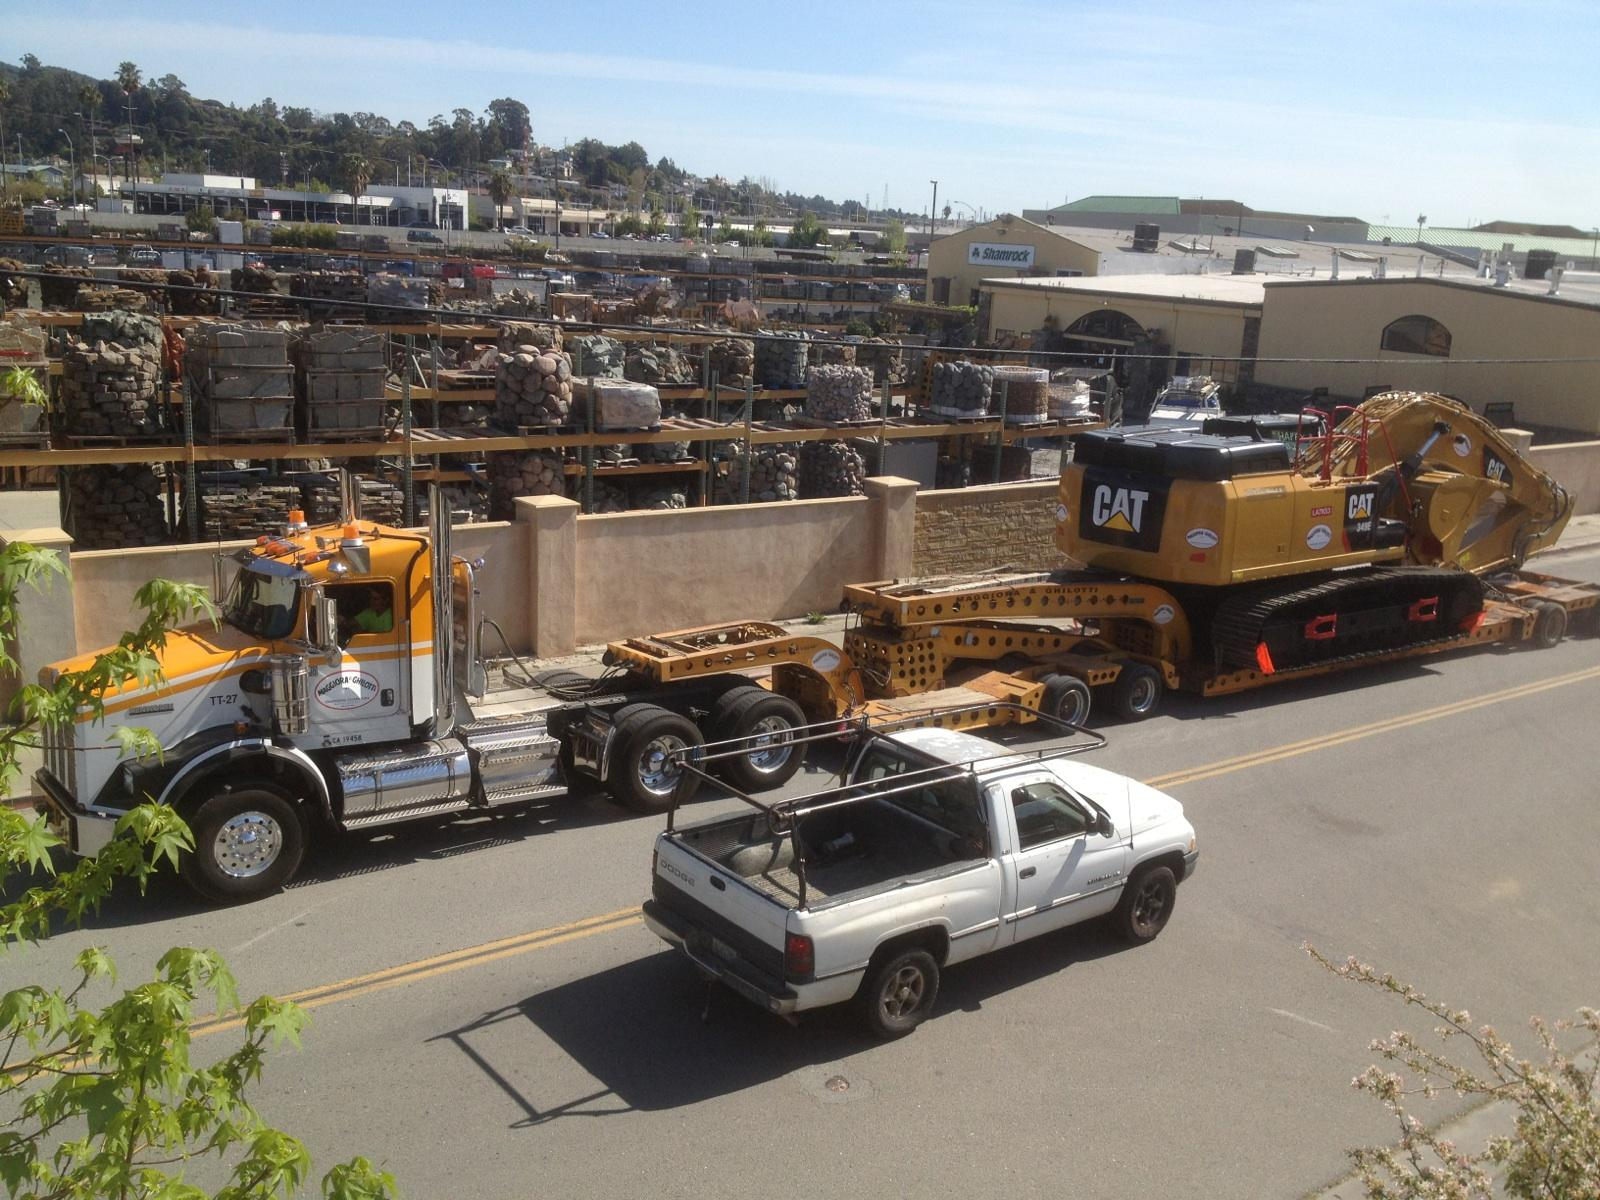 349 Excavator on 7 axle